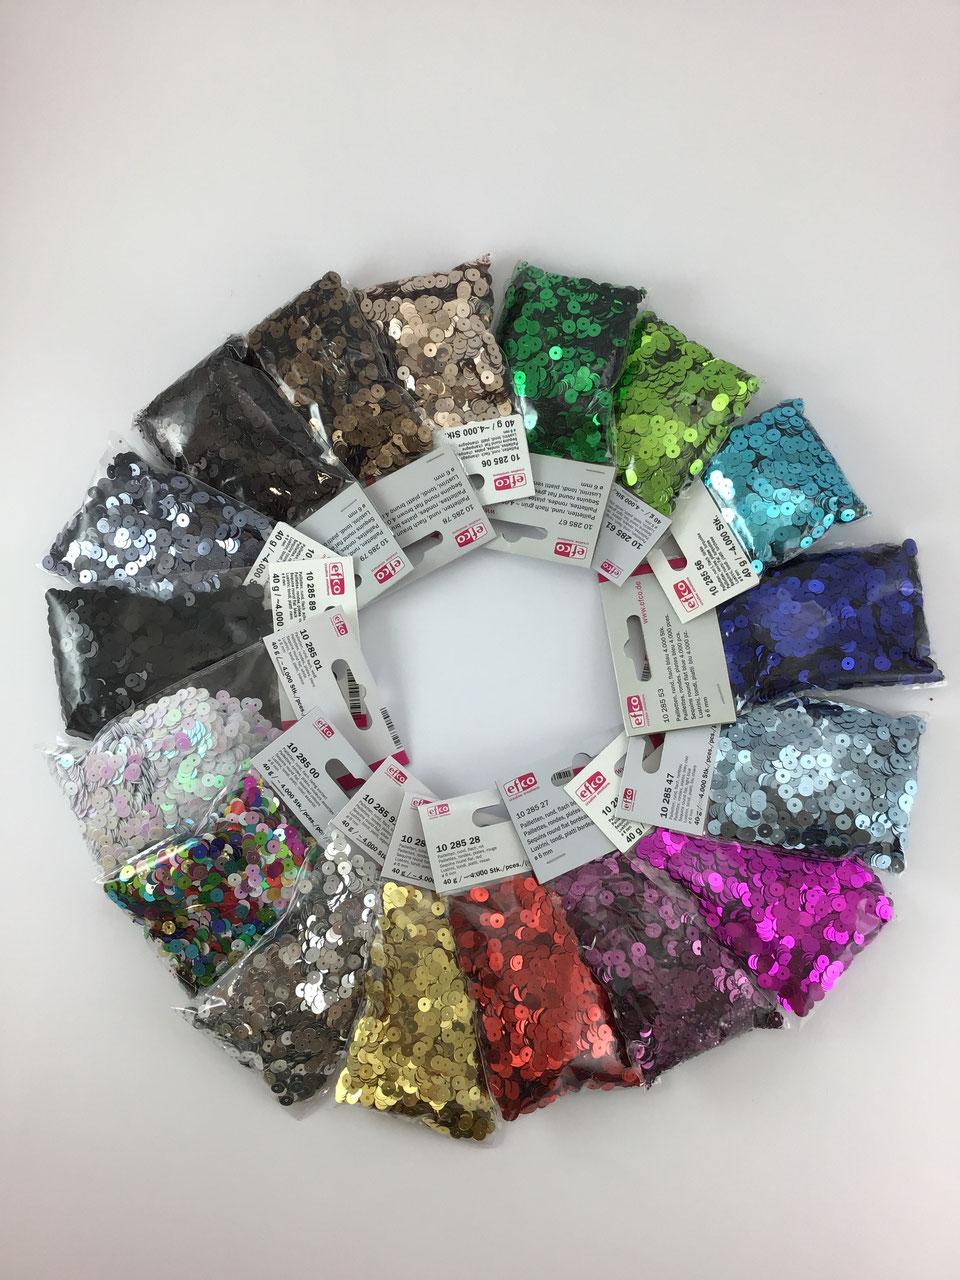 Hochzeitskleid Craft 28 Farbe Yuchen 10g Packung Runde Pailletten 6mm 8mm 10mm 15mm 20mm 30mm N/ähpailletten zum Basteln Schmuckzubeh/ör